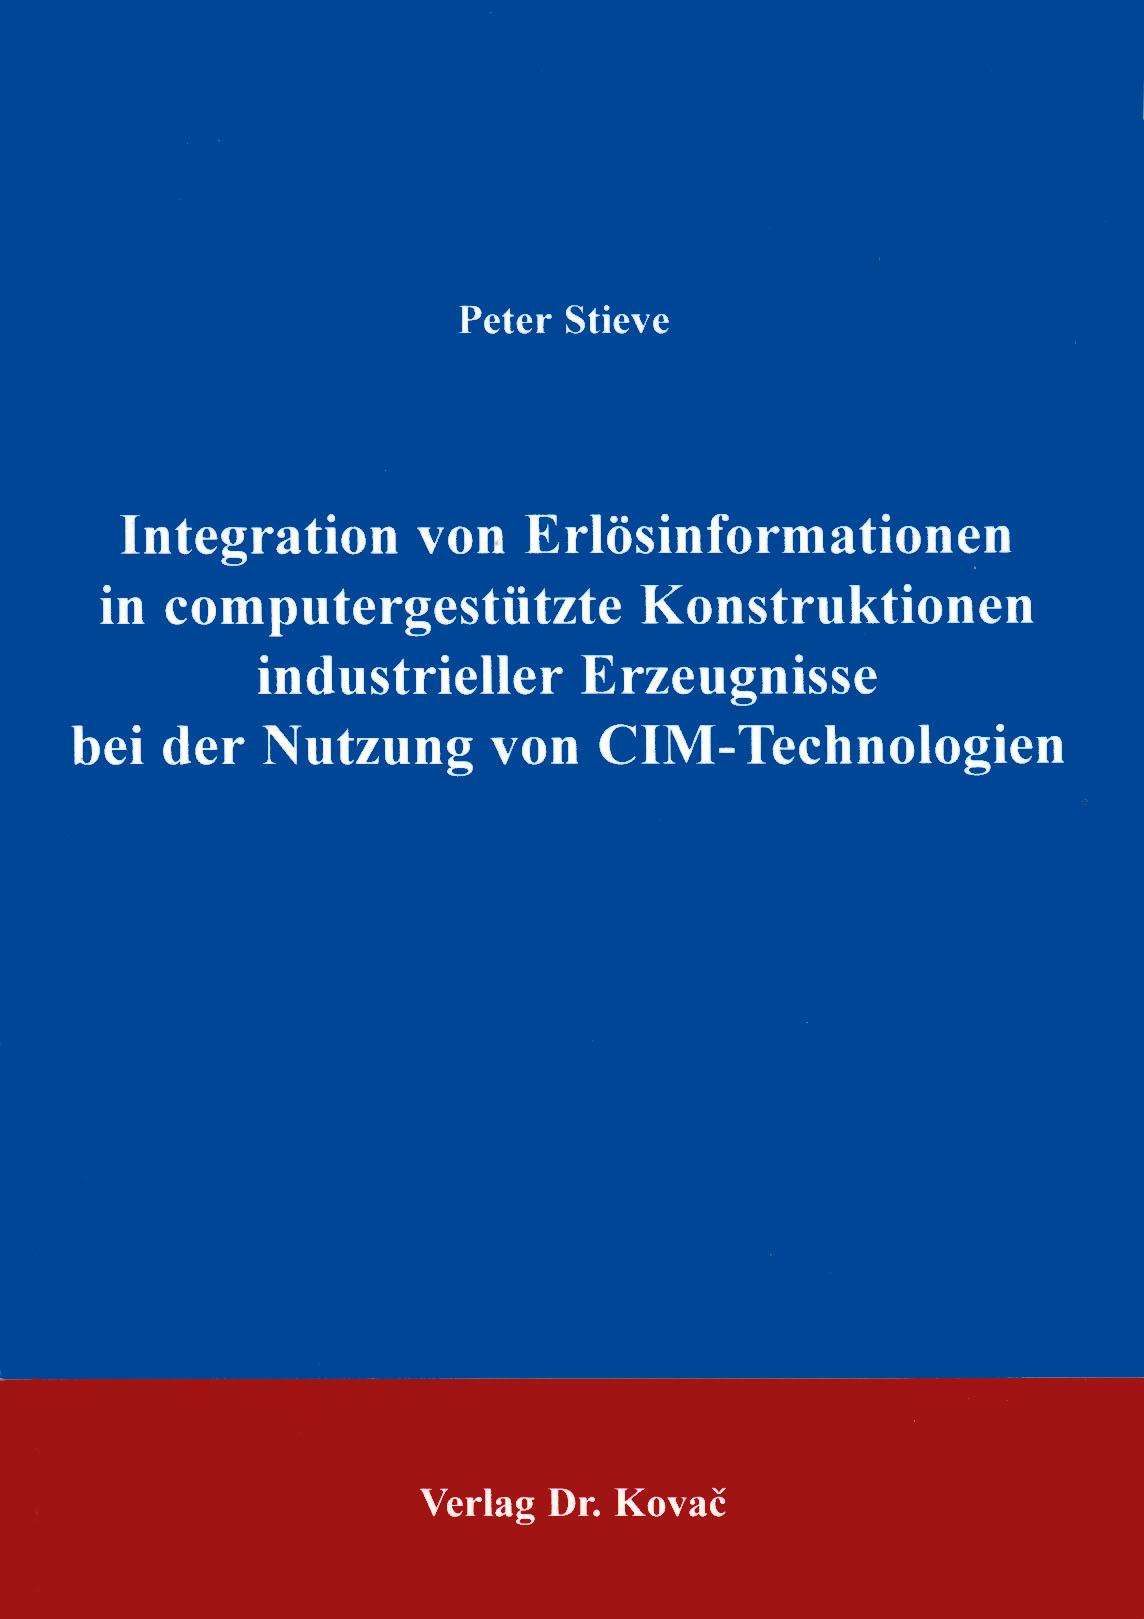 Cover: Integration von Erlösinformationen in computergestützte Konstruktion industrieller Erzeugnisse bei der Nutzung von CIM-Technologien